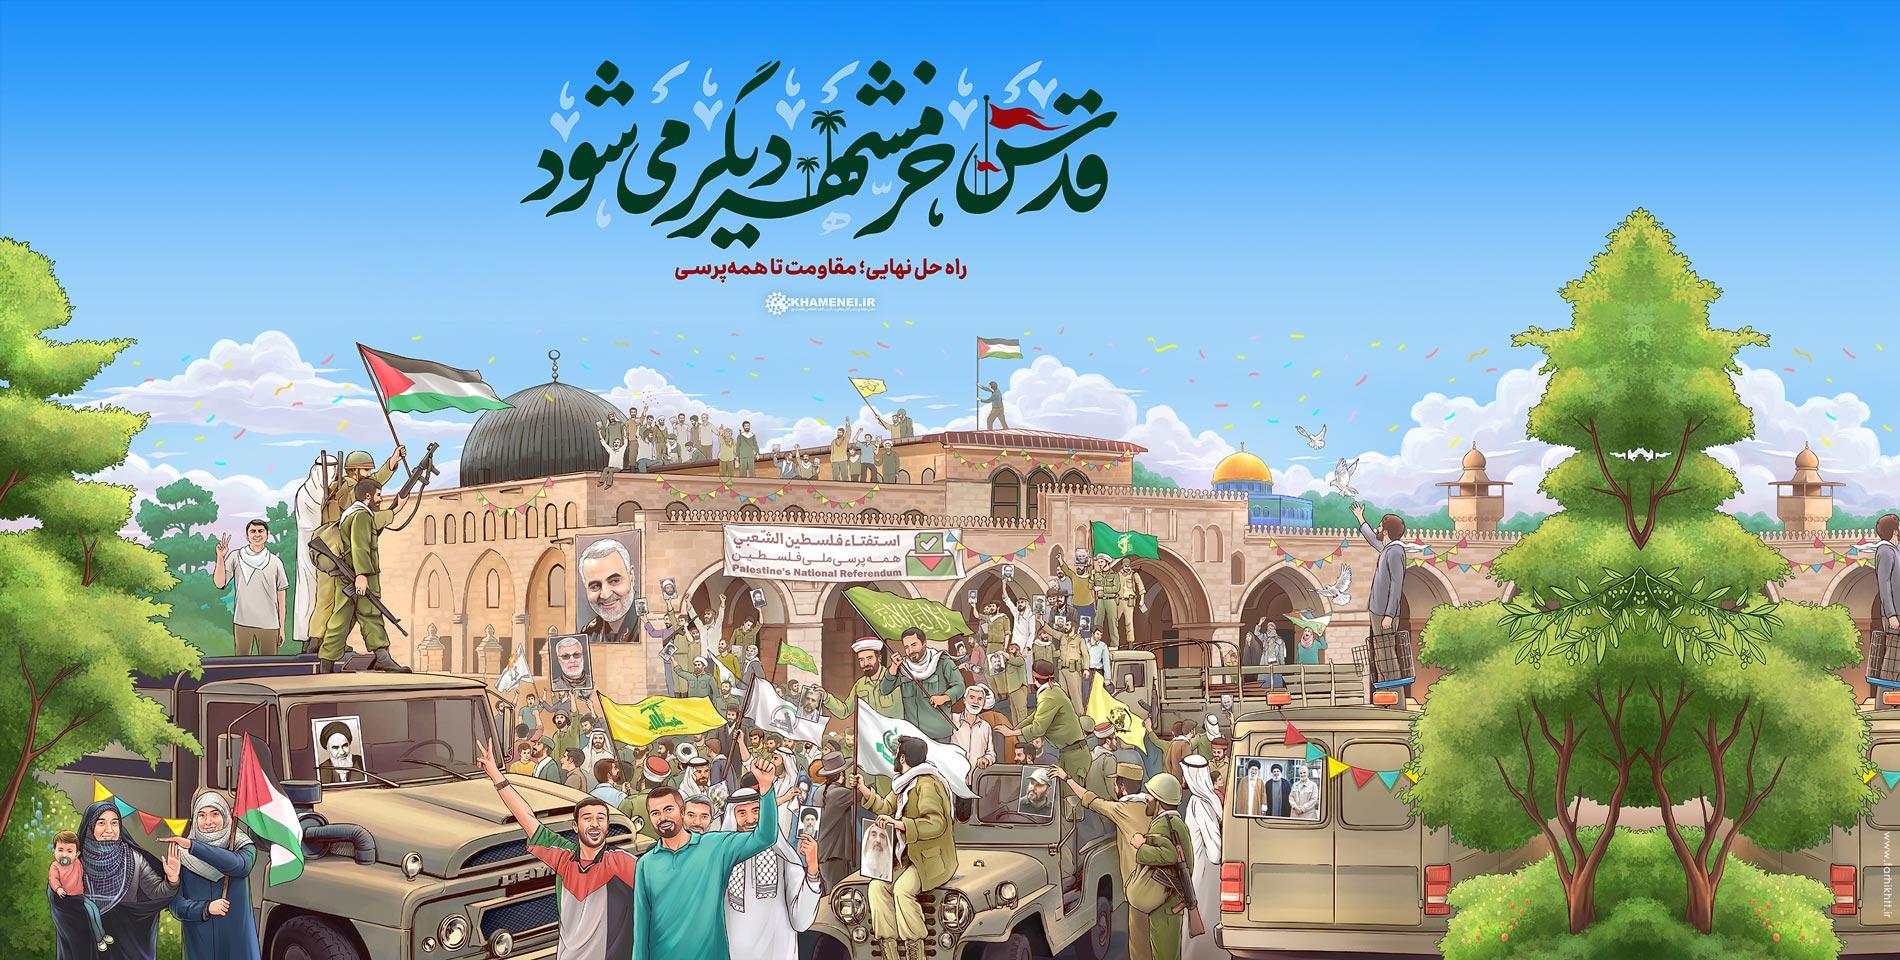 نگارخانه مناسبتی/ فرارسیدن آخرین جمعه ماه مبارک رمضان و سالروز جهانی قدس گرامی باد.